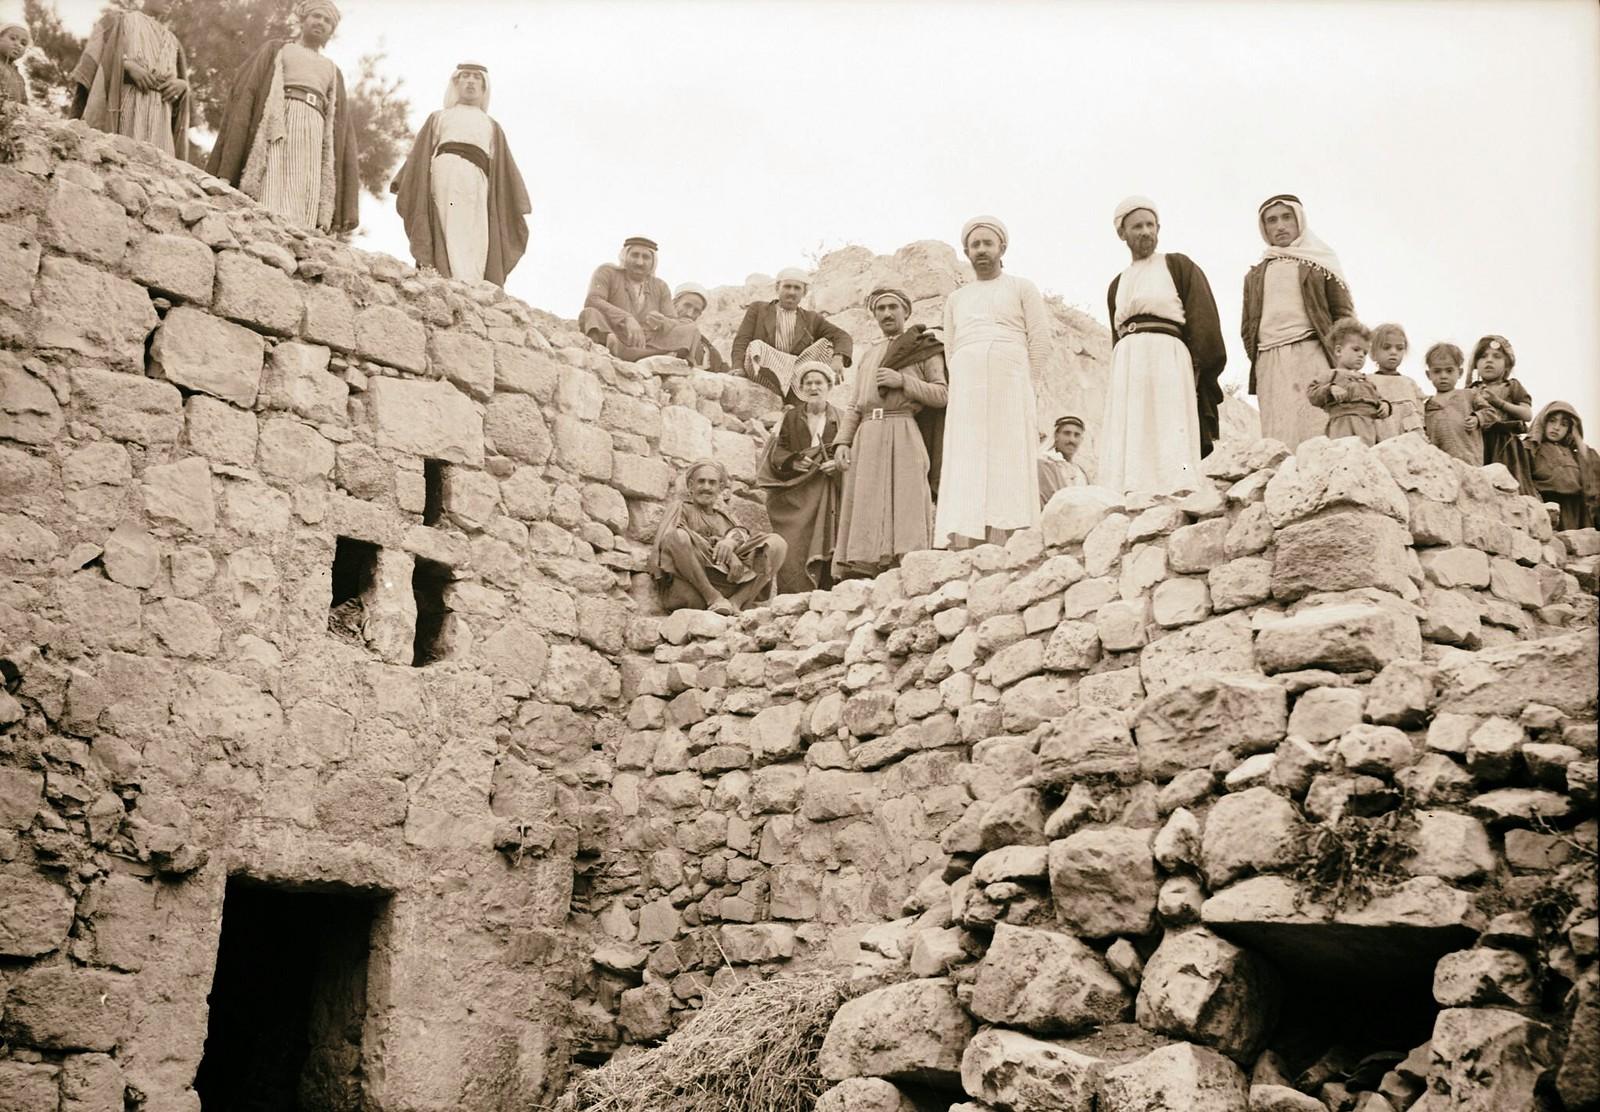 18. Деревня Халхуль на 30-м километре дороги в Хеврон. Жители деревни на крыше полуподземных домов